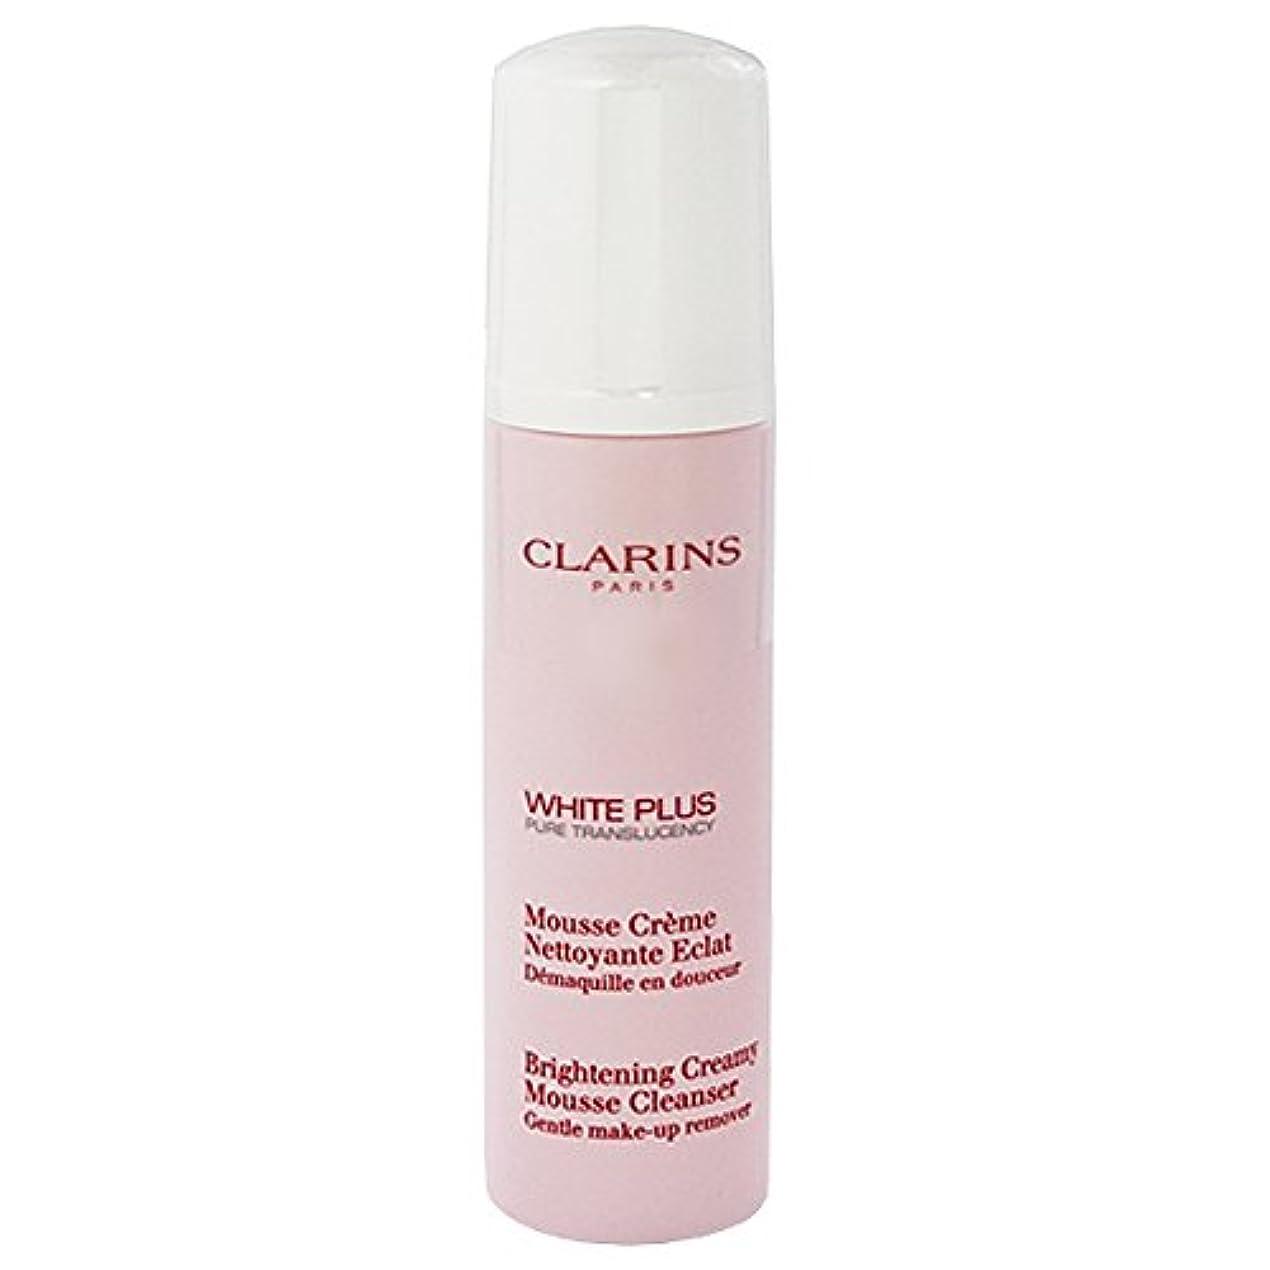 ルーフ筋香ばしいクラランス CLARINS ホワイト-プラス ブライト クレンザー 150ml [並行輸入品]